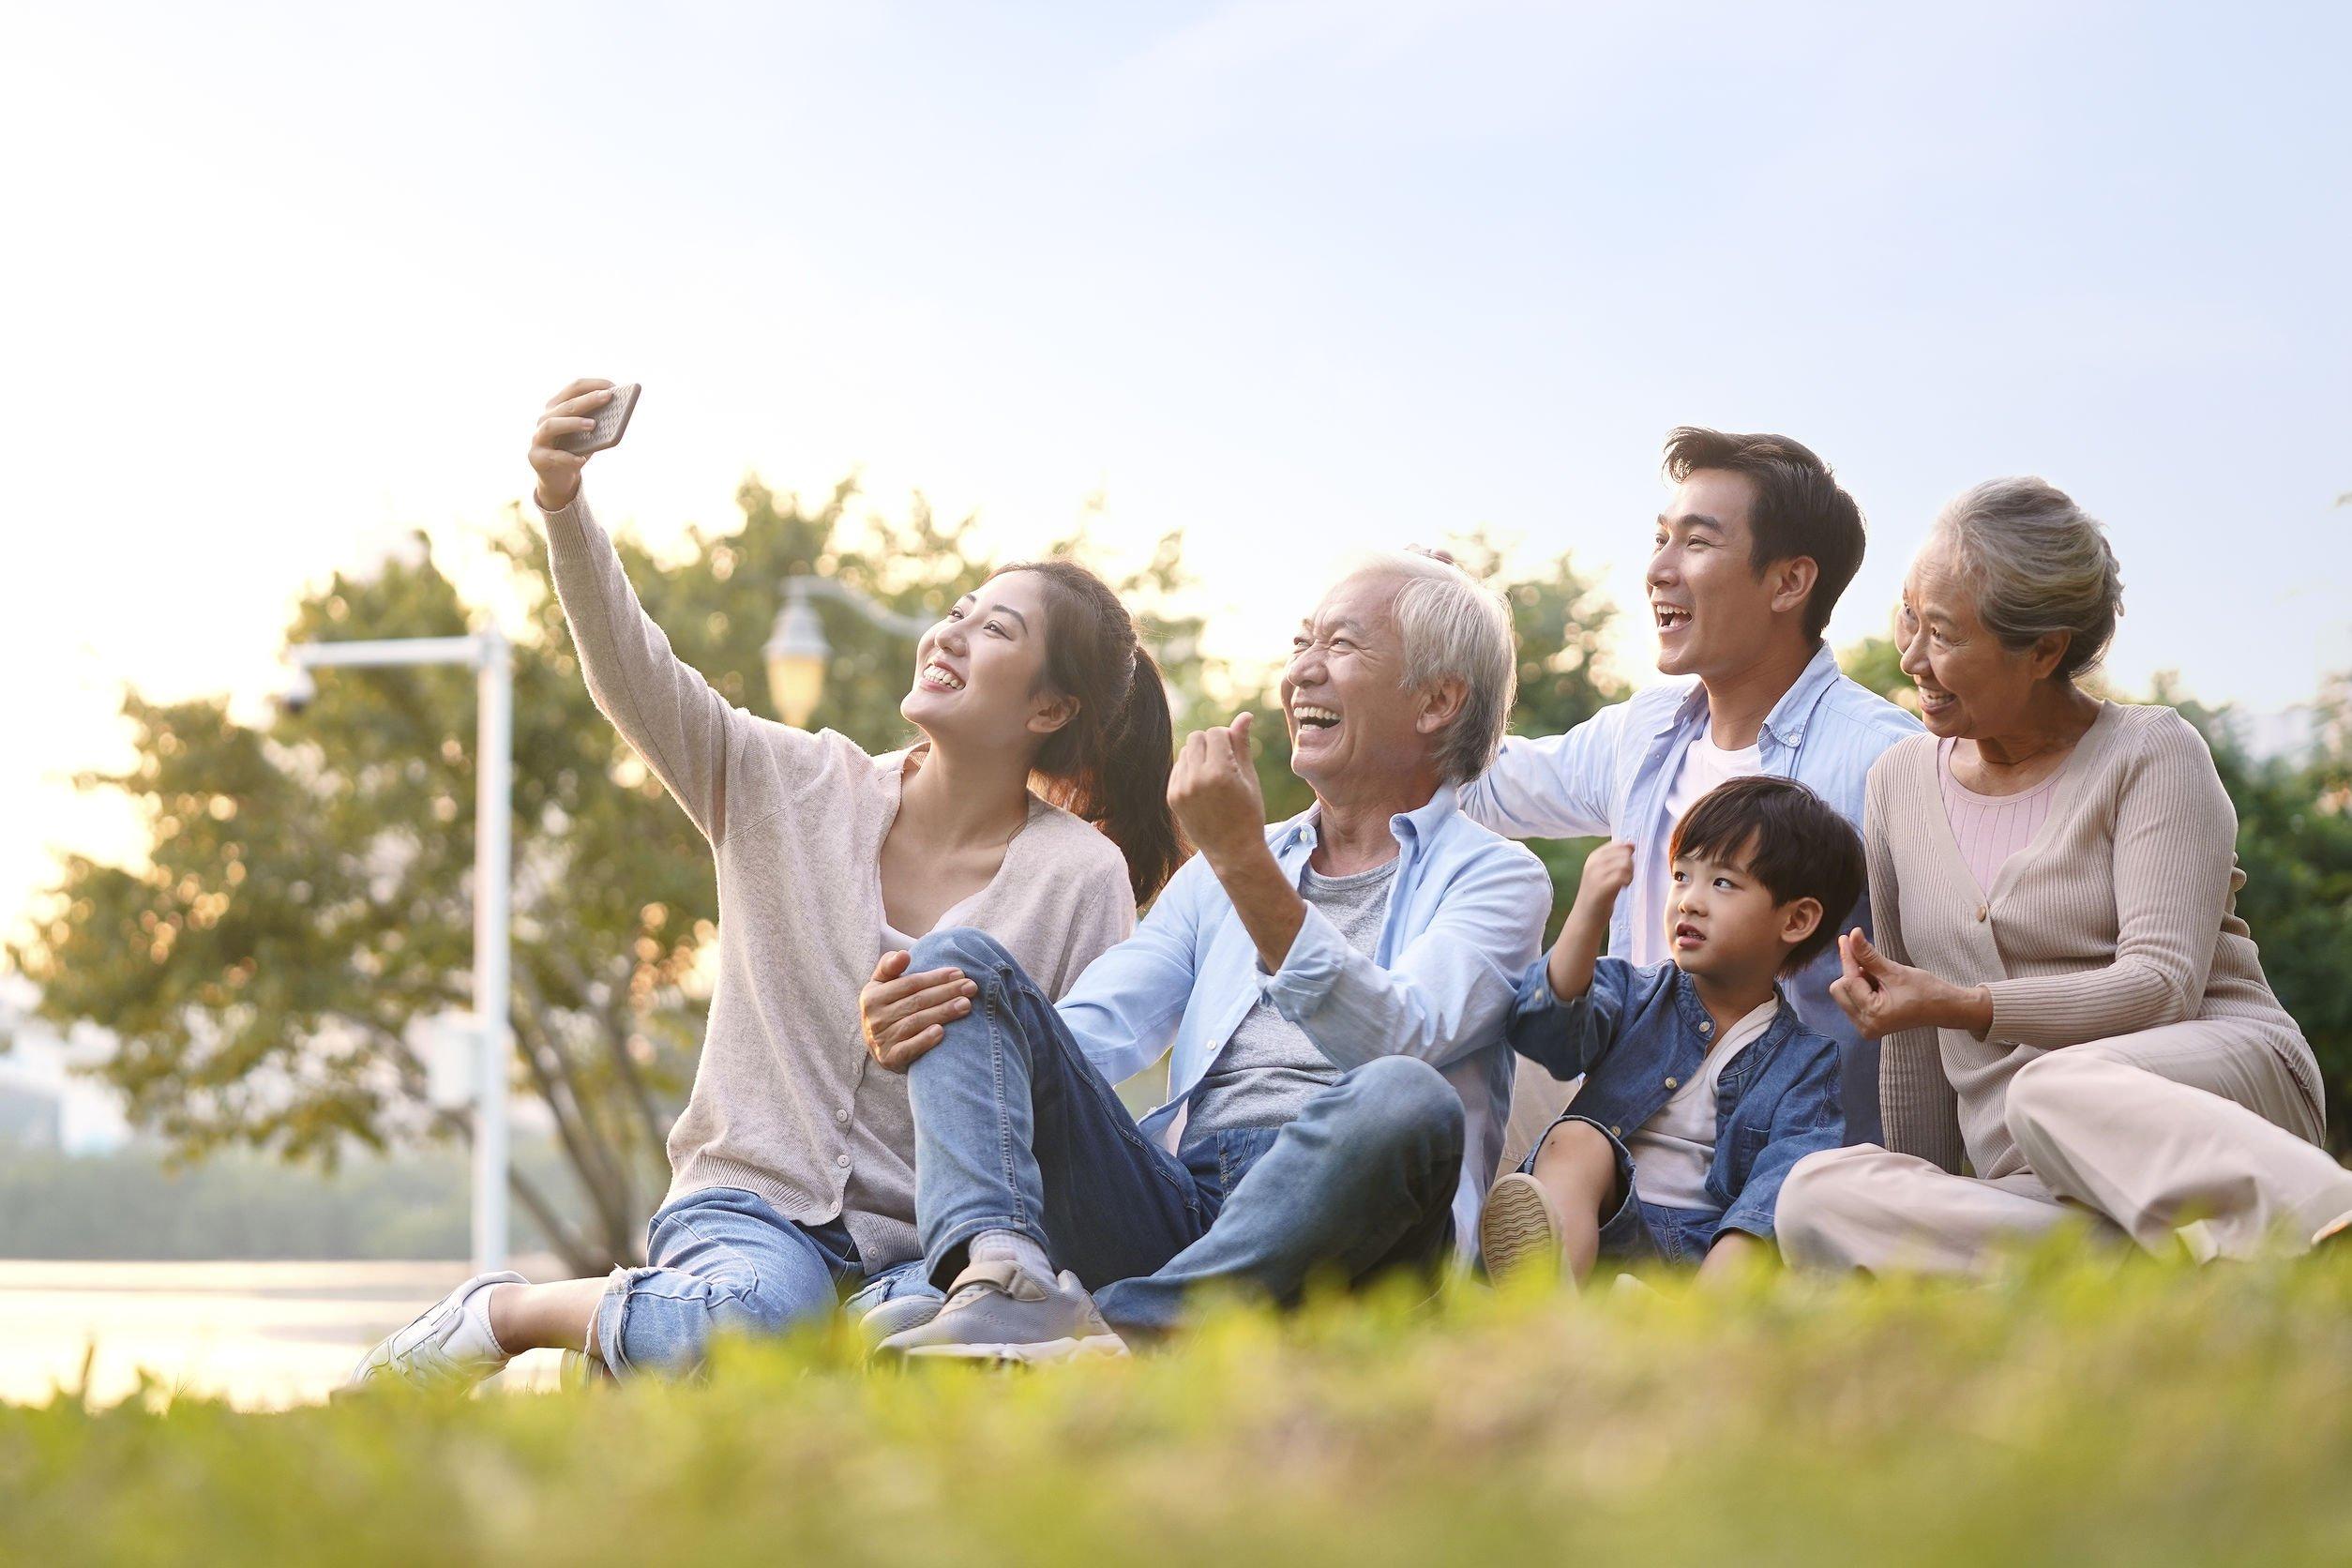 Família sentada em um gramado tirando foto